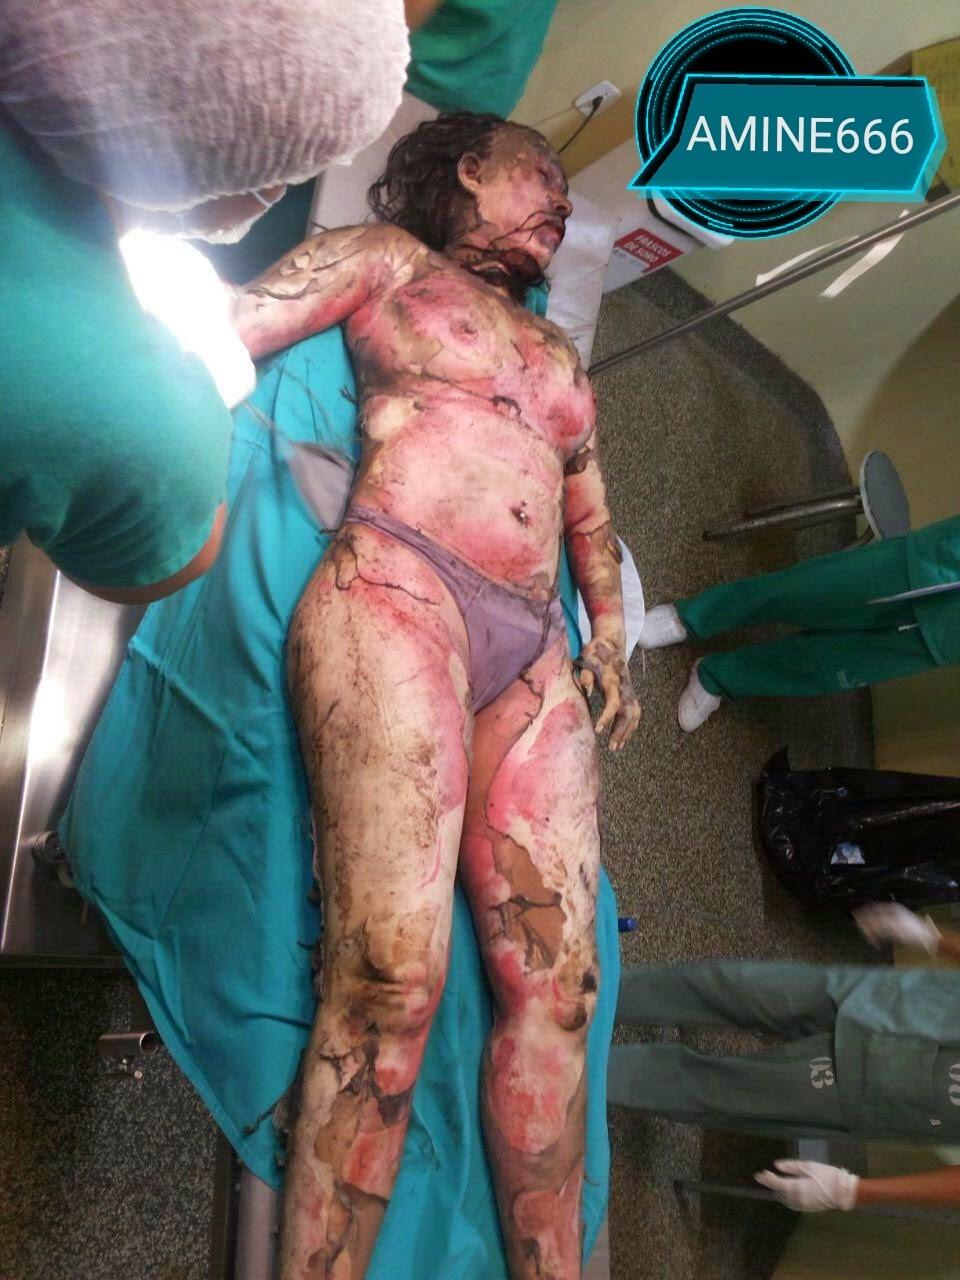 【閲覧注意】浮気した夫、愛人と共にガソリンかけられ燃やされる・・・(画像)・1枚目